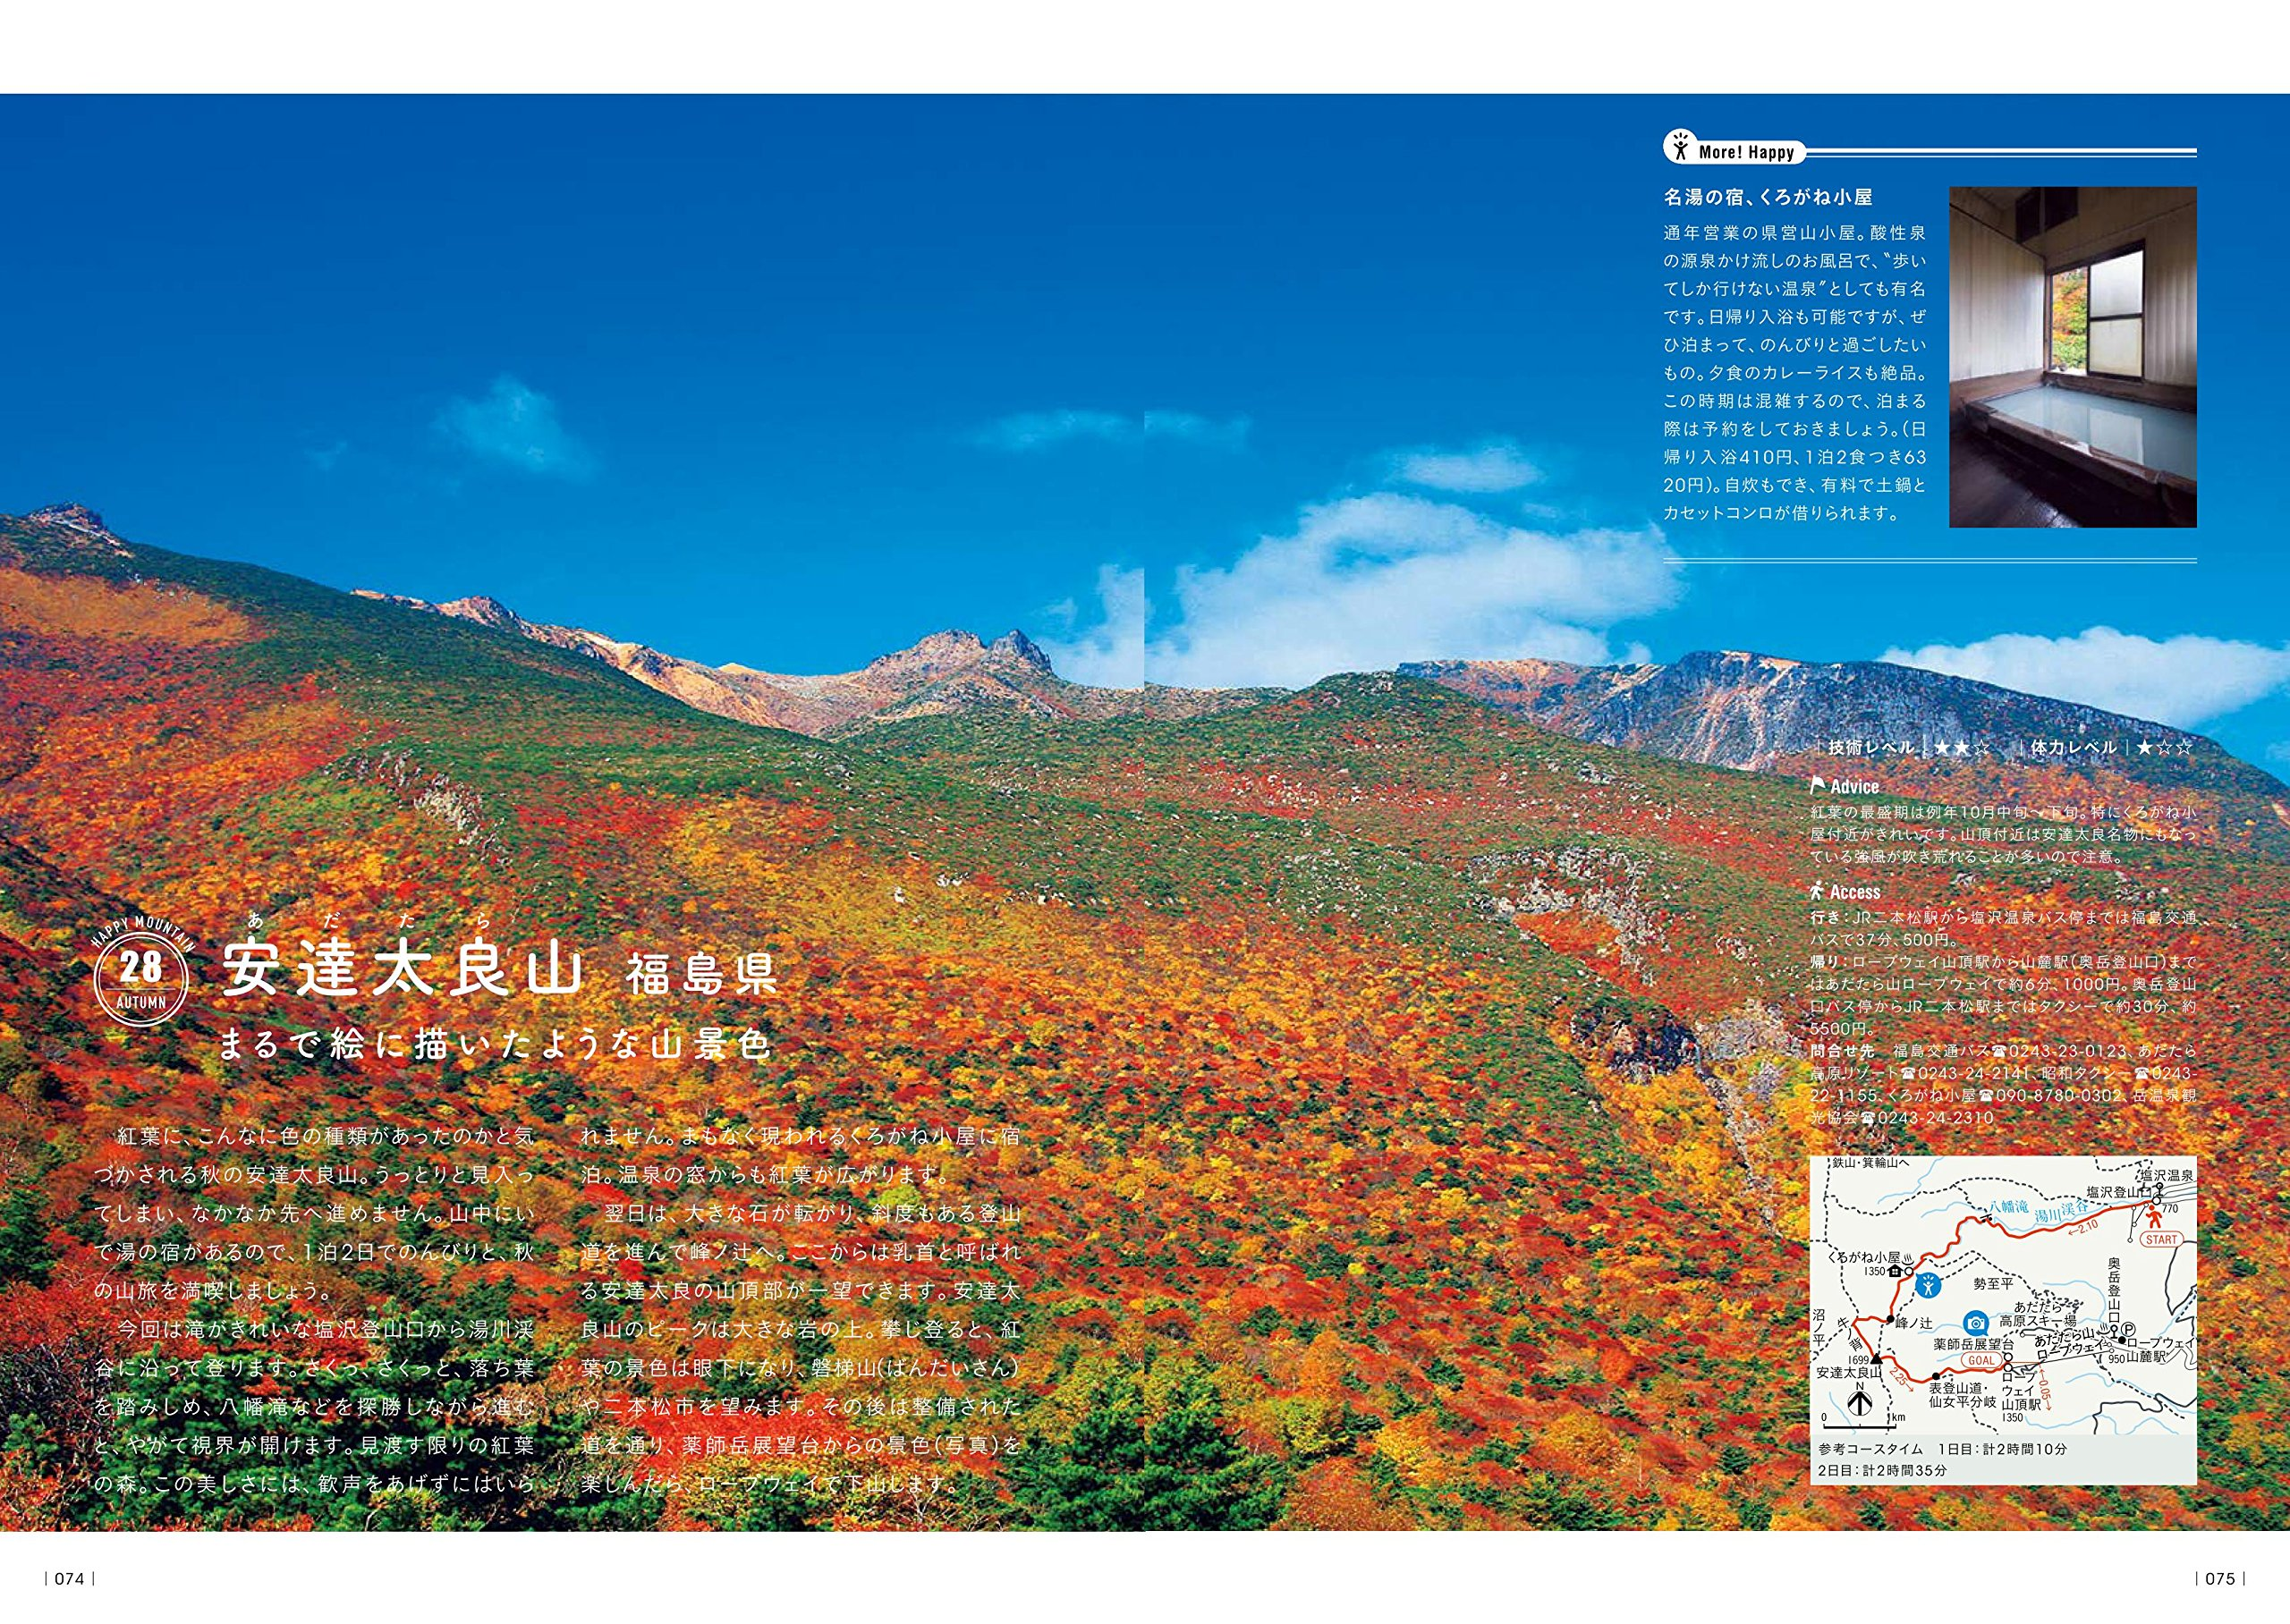 安達太良山 福島県